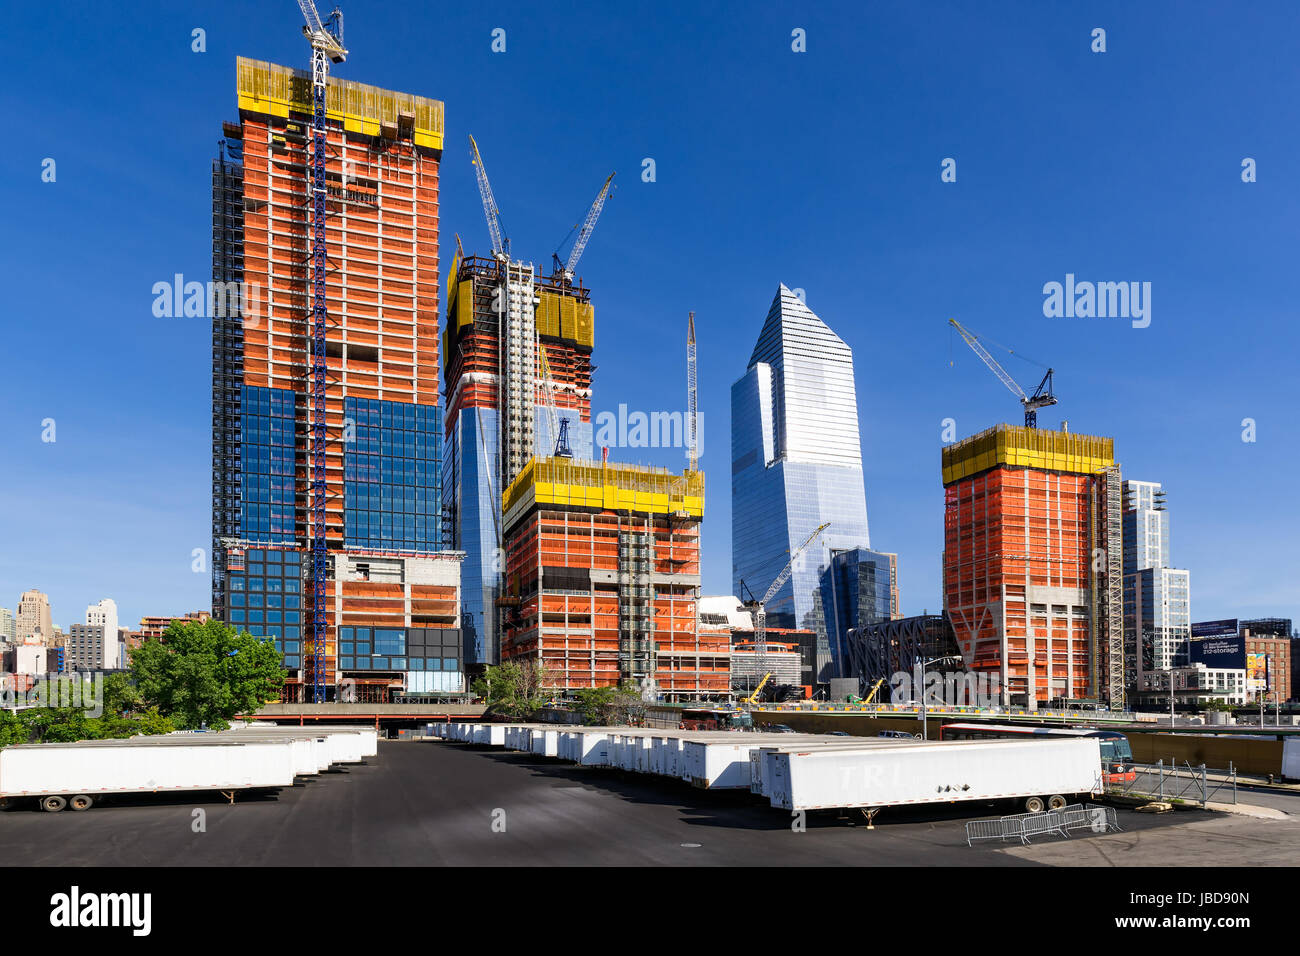 El Hudson Yards sitio en construcción (2017). Midtown, Manhattan, Ciudad de Nueva York Imagen De Stock